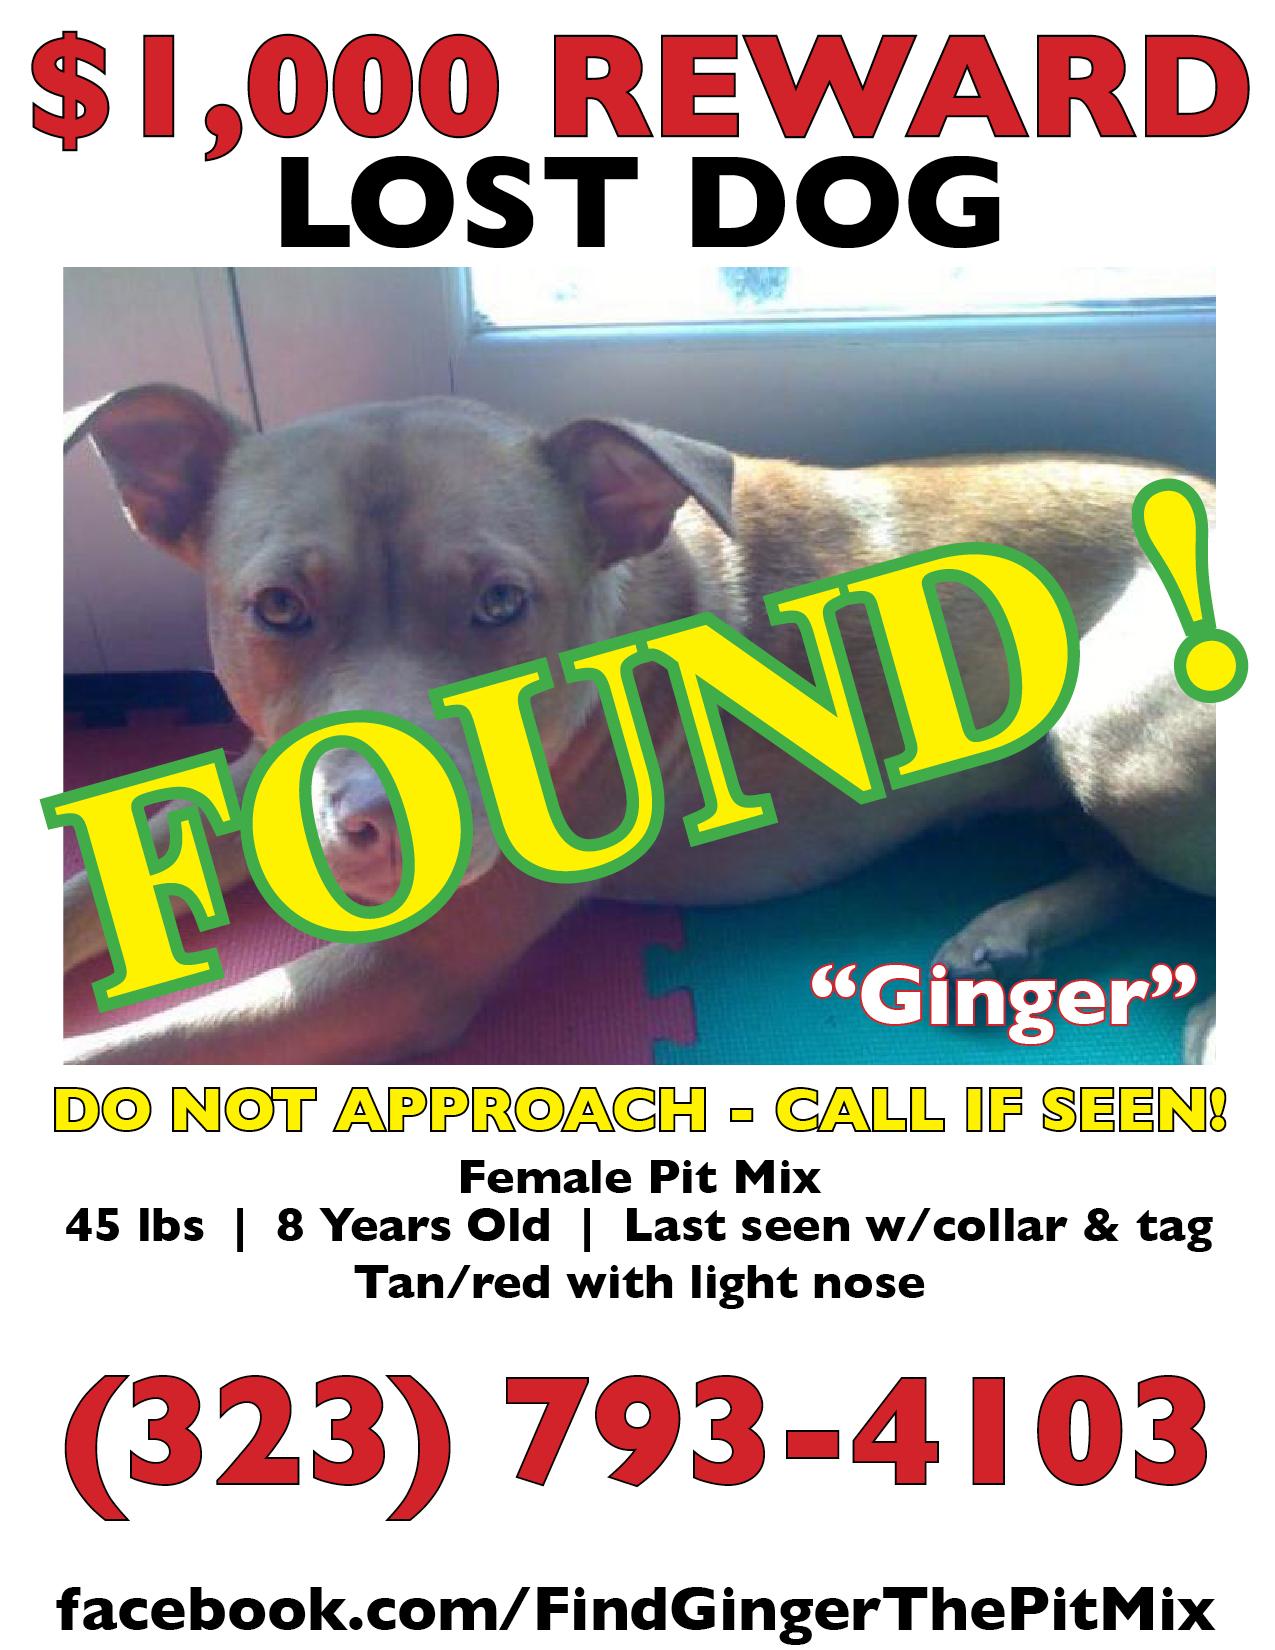 Ginger Reward poster_found.jpg